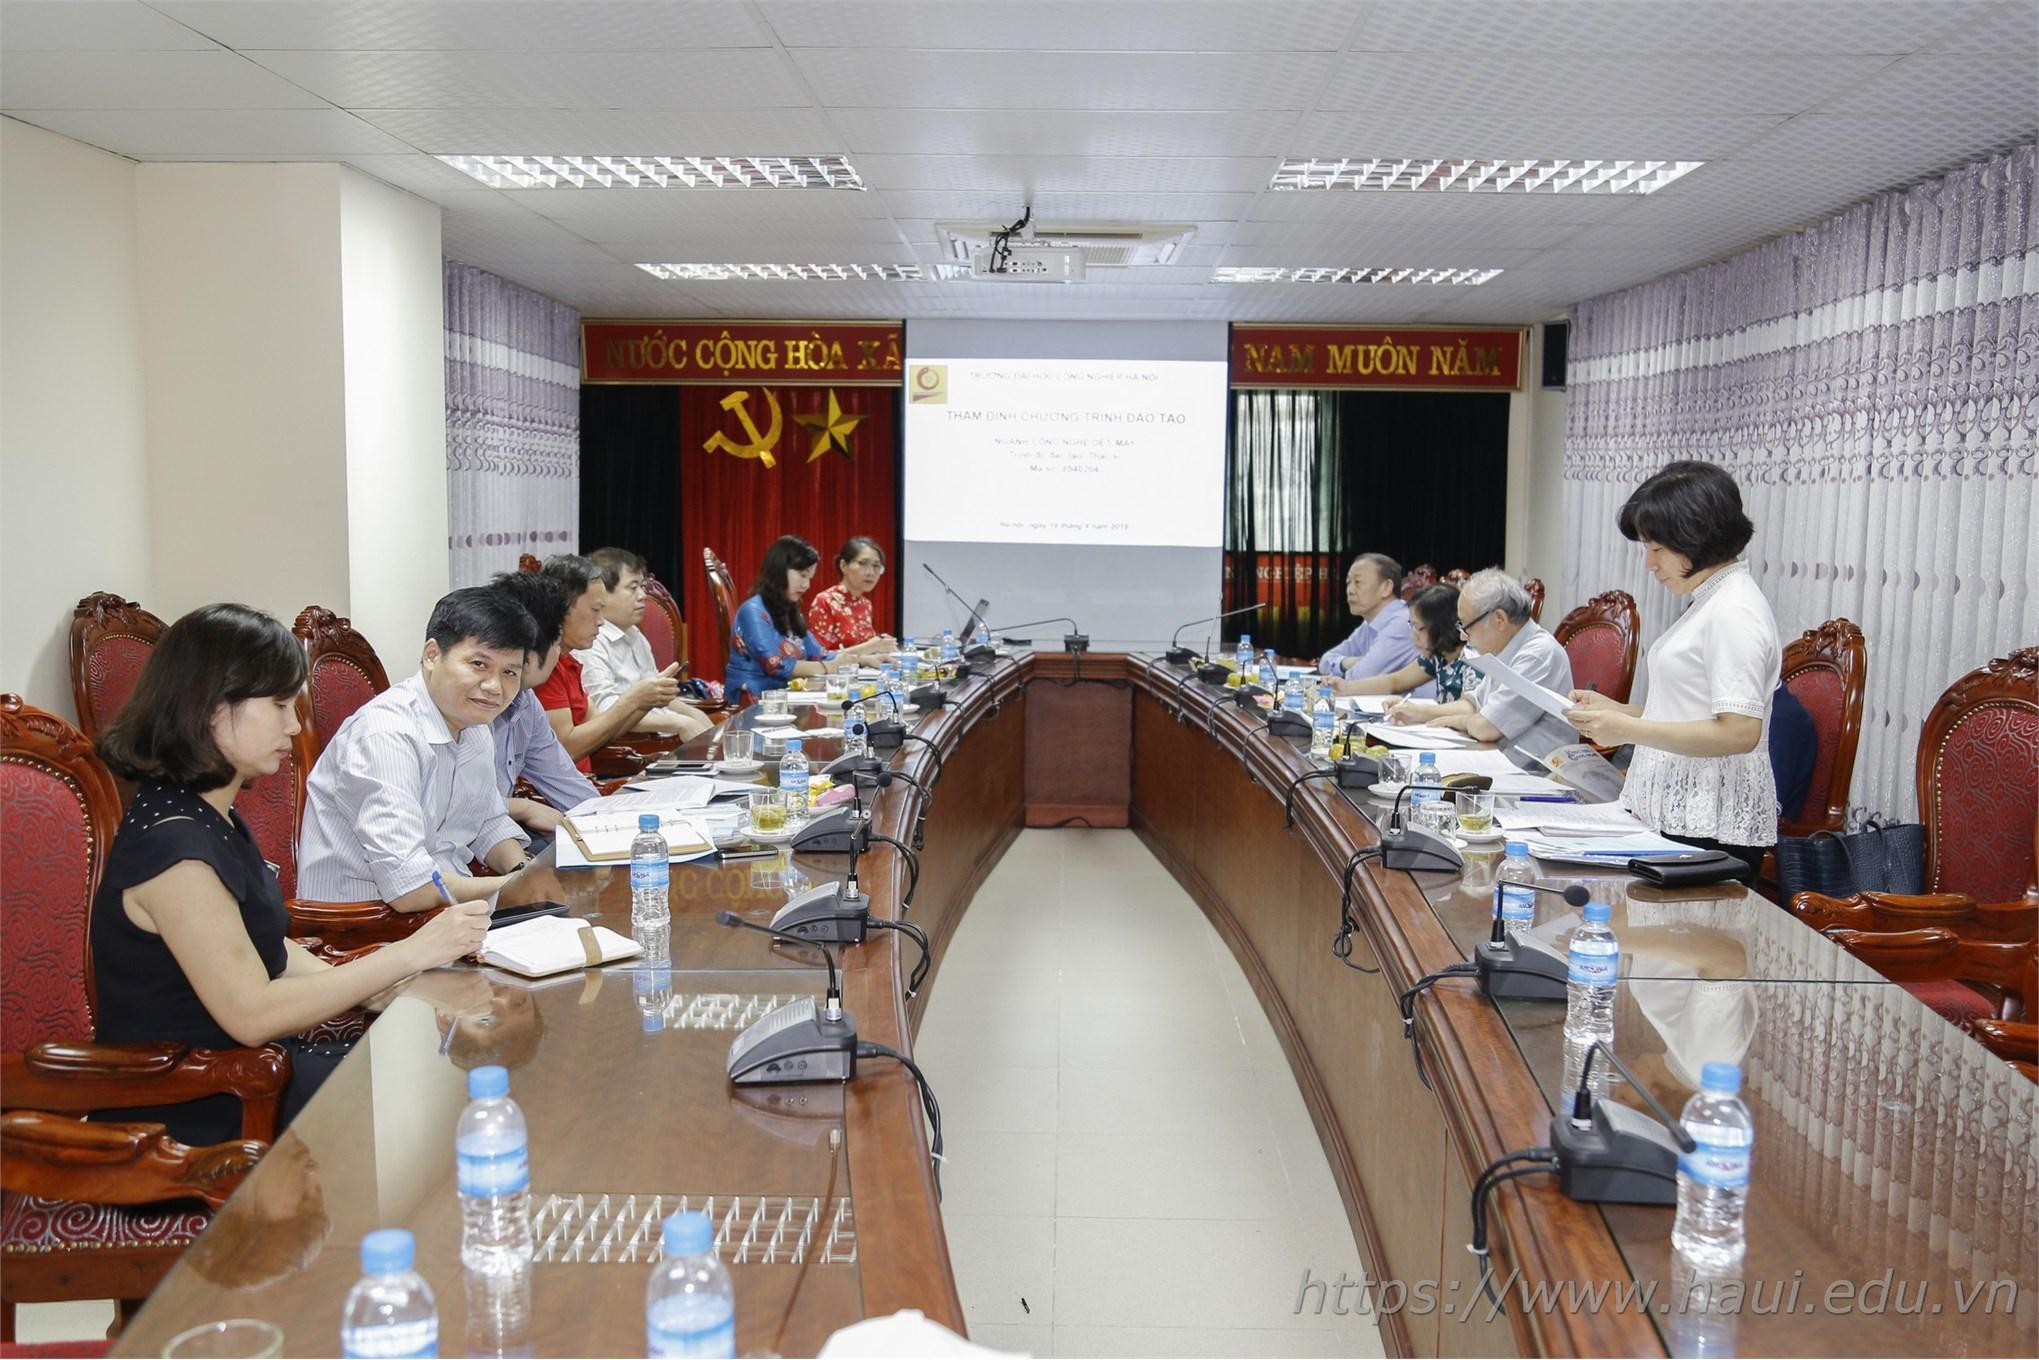 Trường Đại học Công nghiệp Hà Nội mở ngành đào tạo trình độ thạc sĩ ngành Công nghệ dệt, may